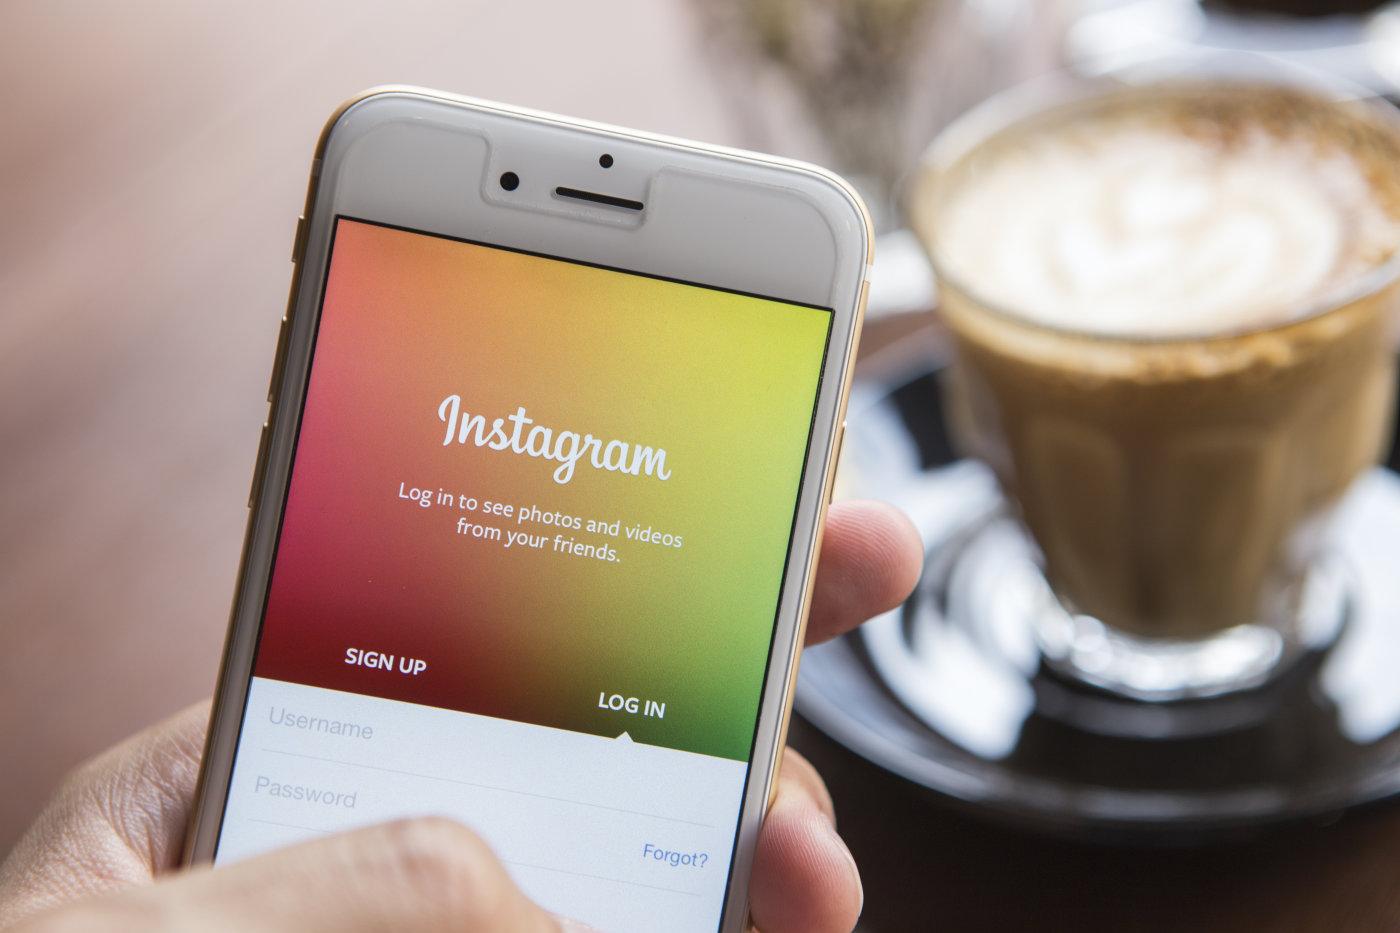 Le migliori app per guadagnare follower su Instagram 1